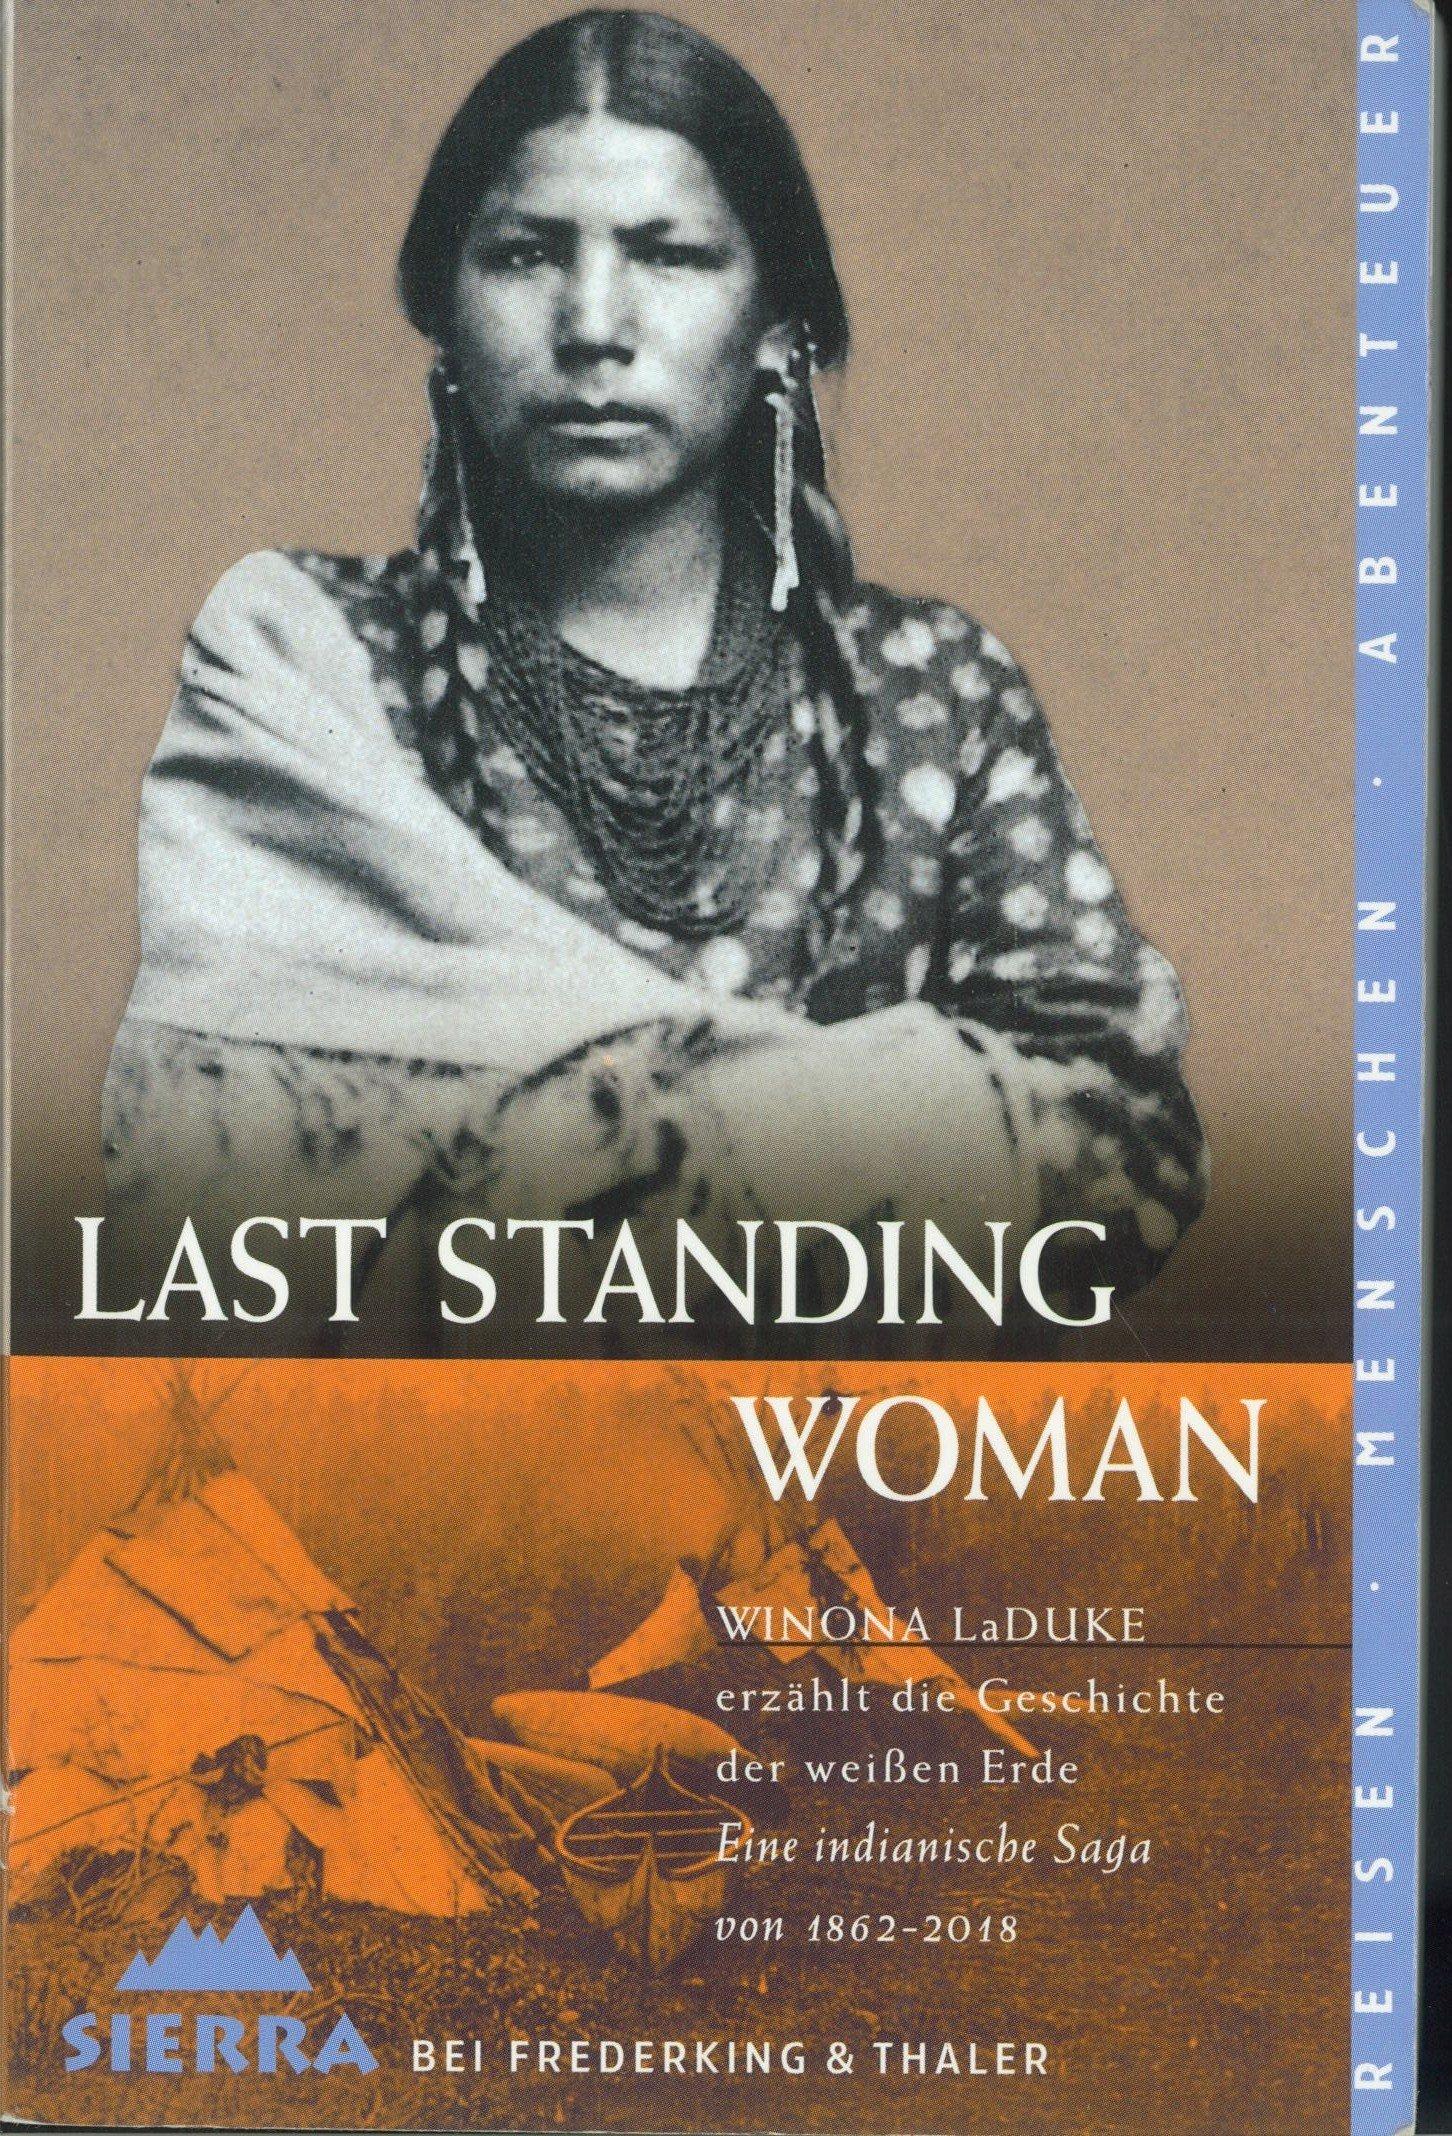 Last Standing Woman. Eine indianische Saga von 1862-2018.